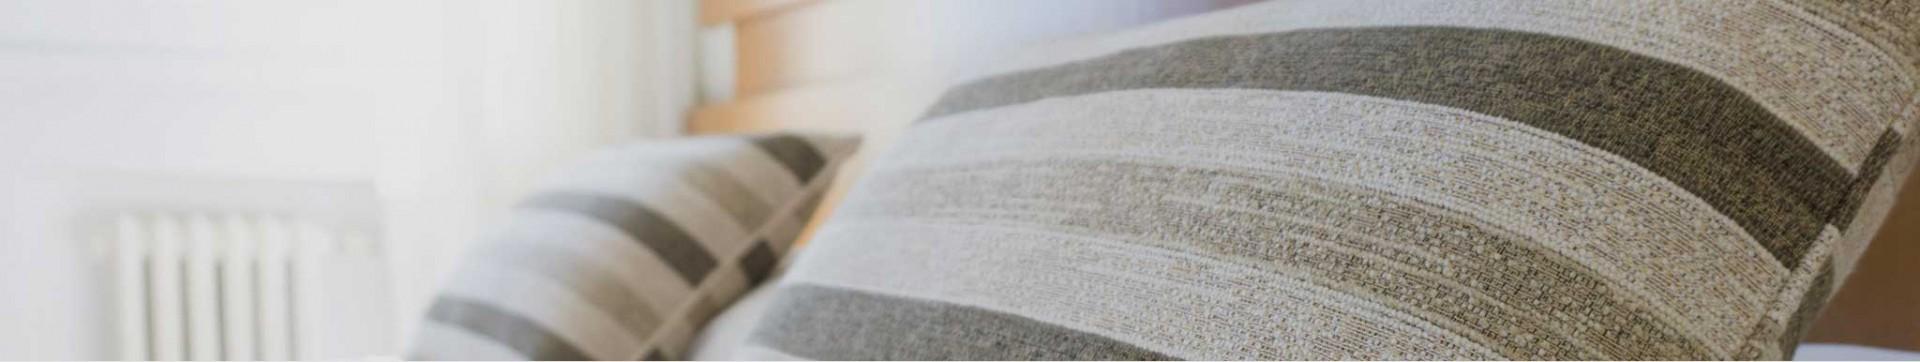 I cuscini eleganti e moderni delle nostre camere da letto